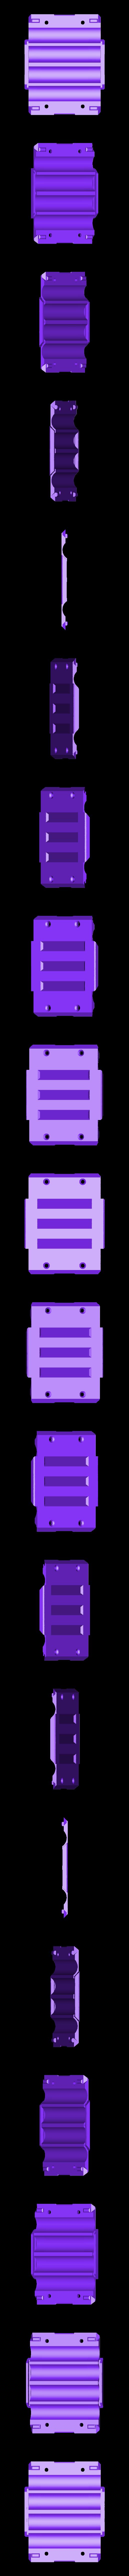 18650_2S2P_lid_V2.stl Télécharger fichier STL gratuit NESE, le module V2 sans soudure 18650 (FERMÉ) • Objet pour imprimante 3D, 18650